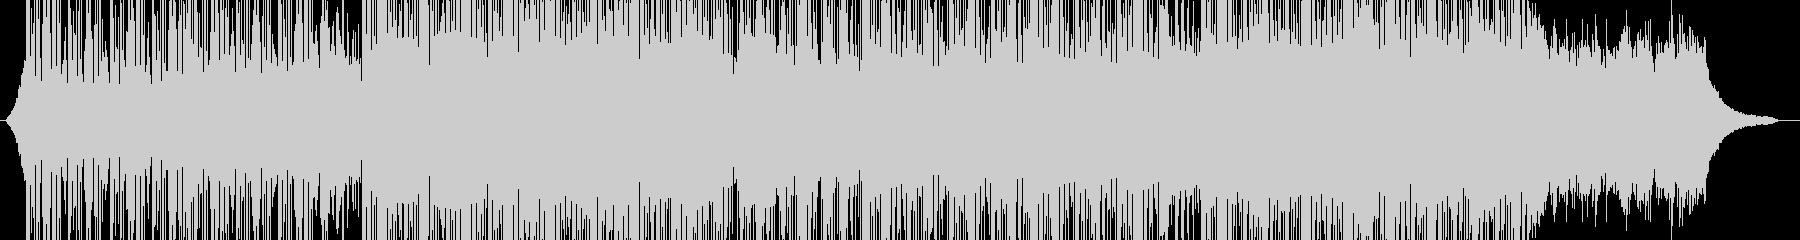 トラップ ヒップホップ ポジティブ...の未再生の波形